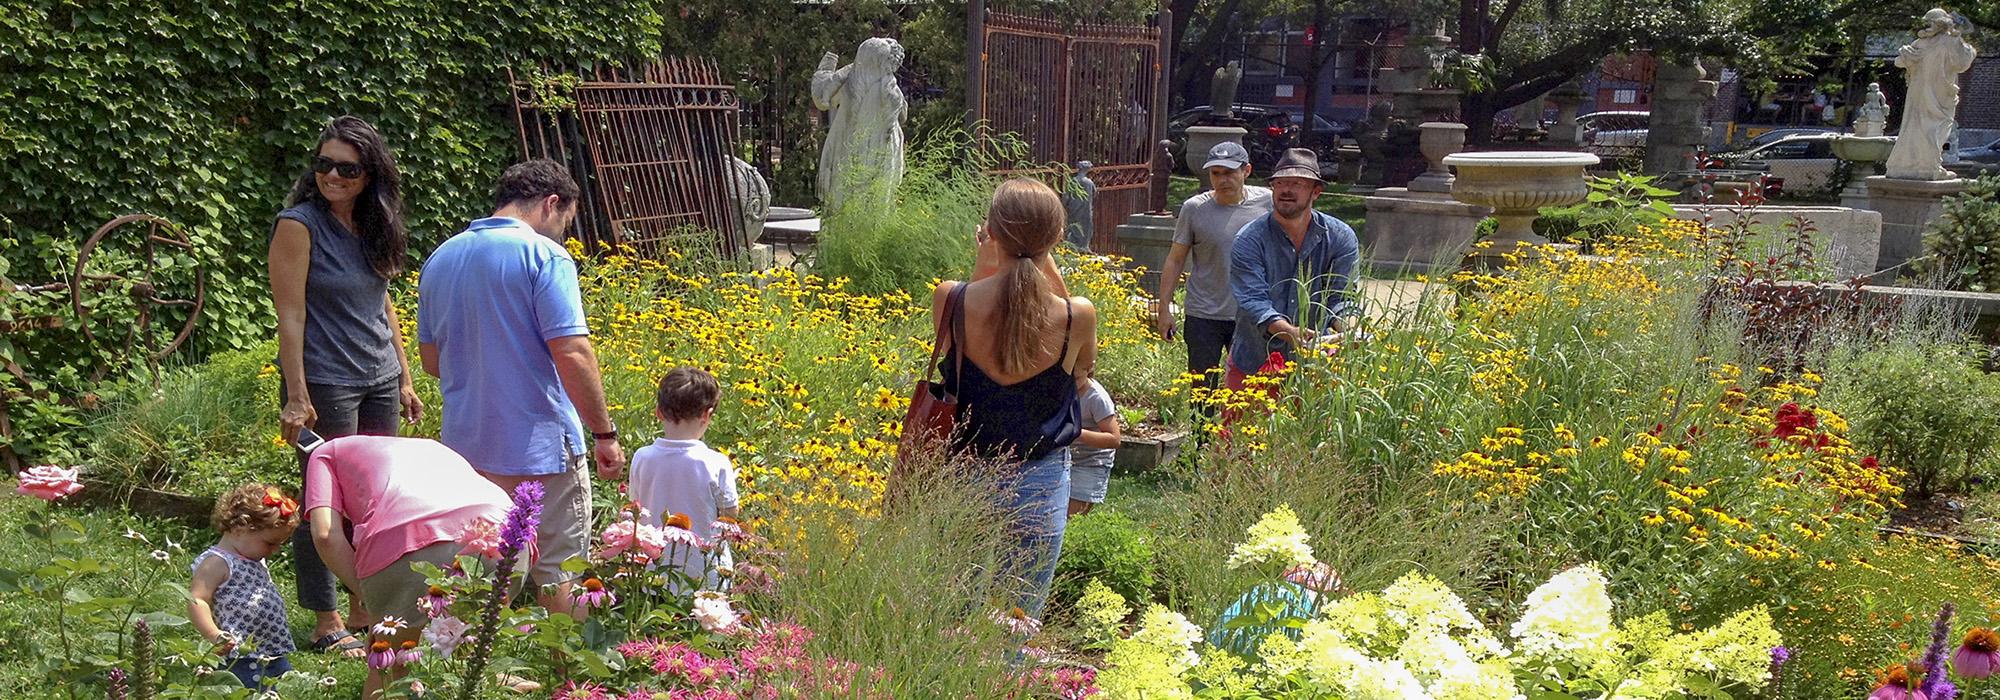 NY_NYC_ElizabethStreetGarden_Spring_LadybugRelease_courtesyJosephReiver-ElizabethStreetGarden_2014_017_Hero.jpg